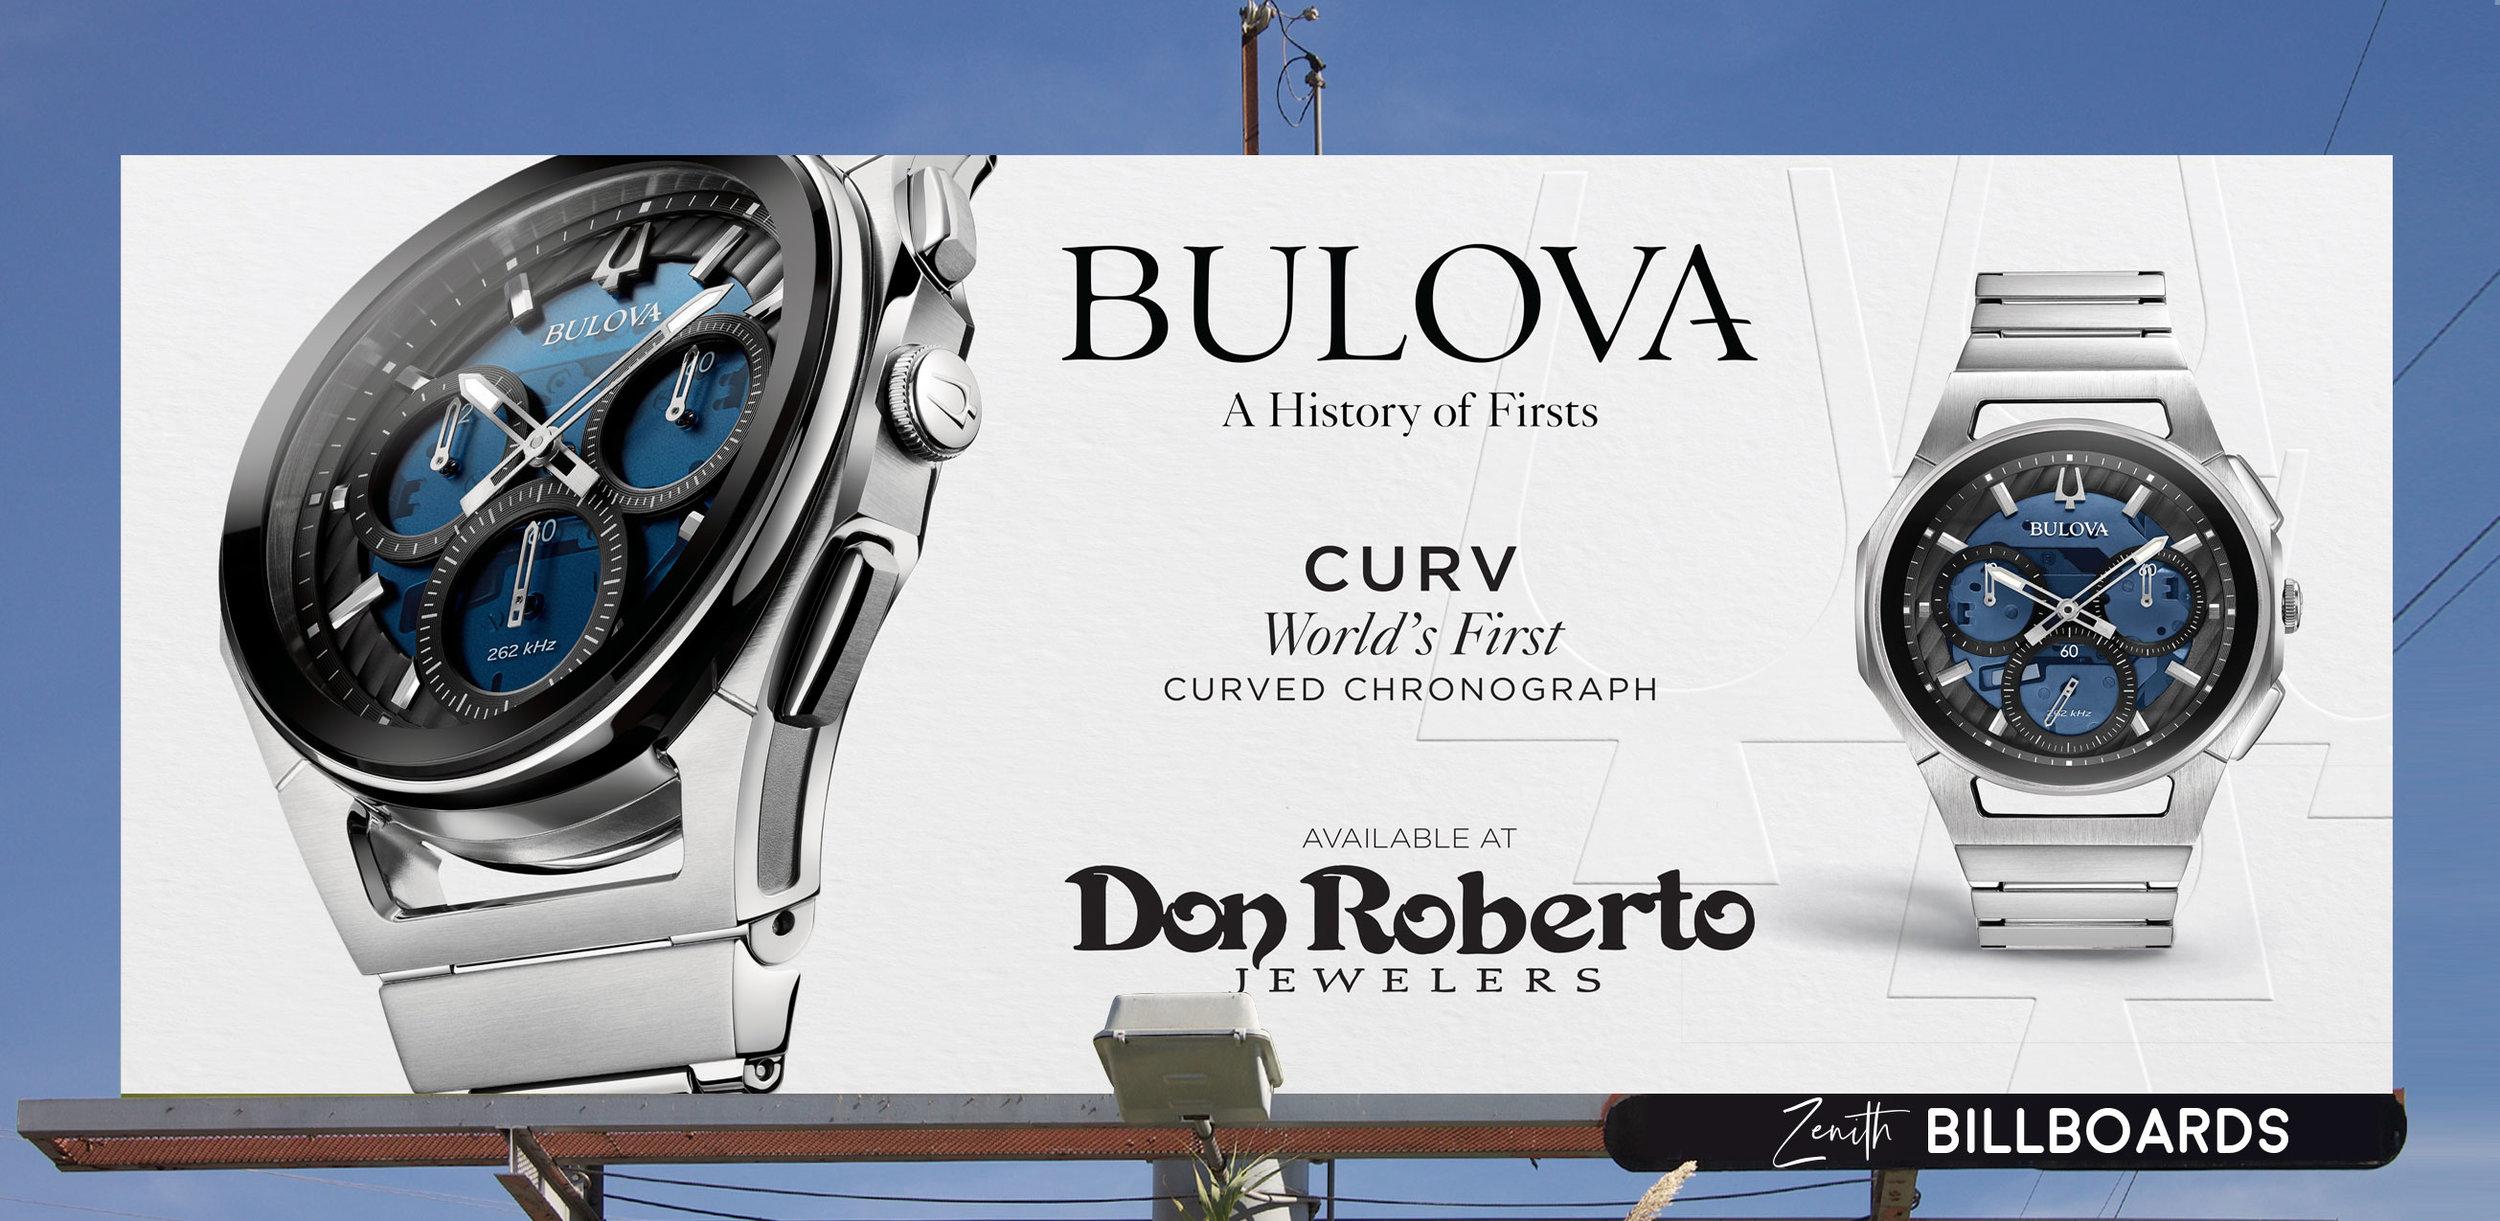 Billboard_Heroes_MLKSt_DonRobertos.jpg